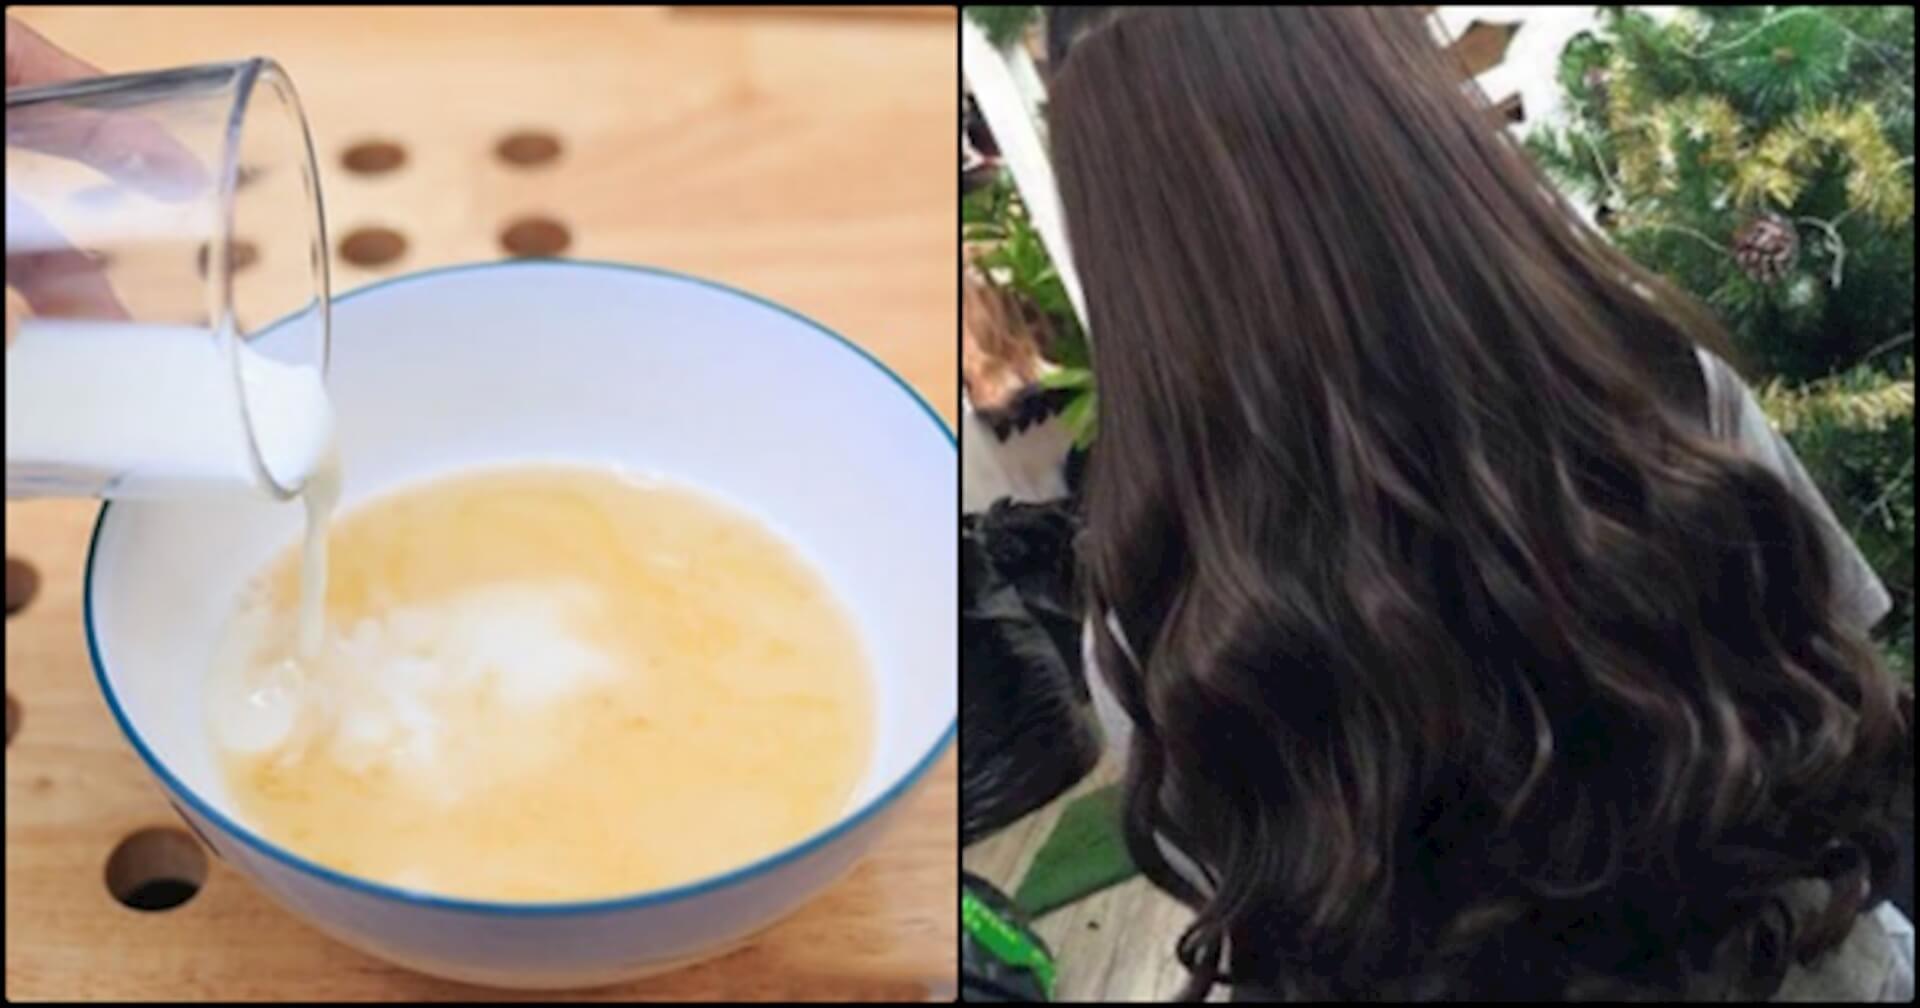 Cách làm tóc mượt tại nhà với sữa gạo và mật ong